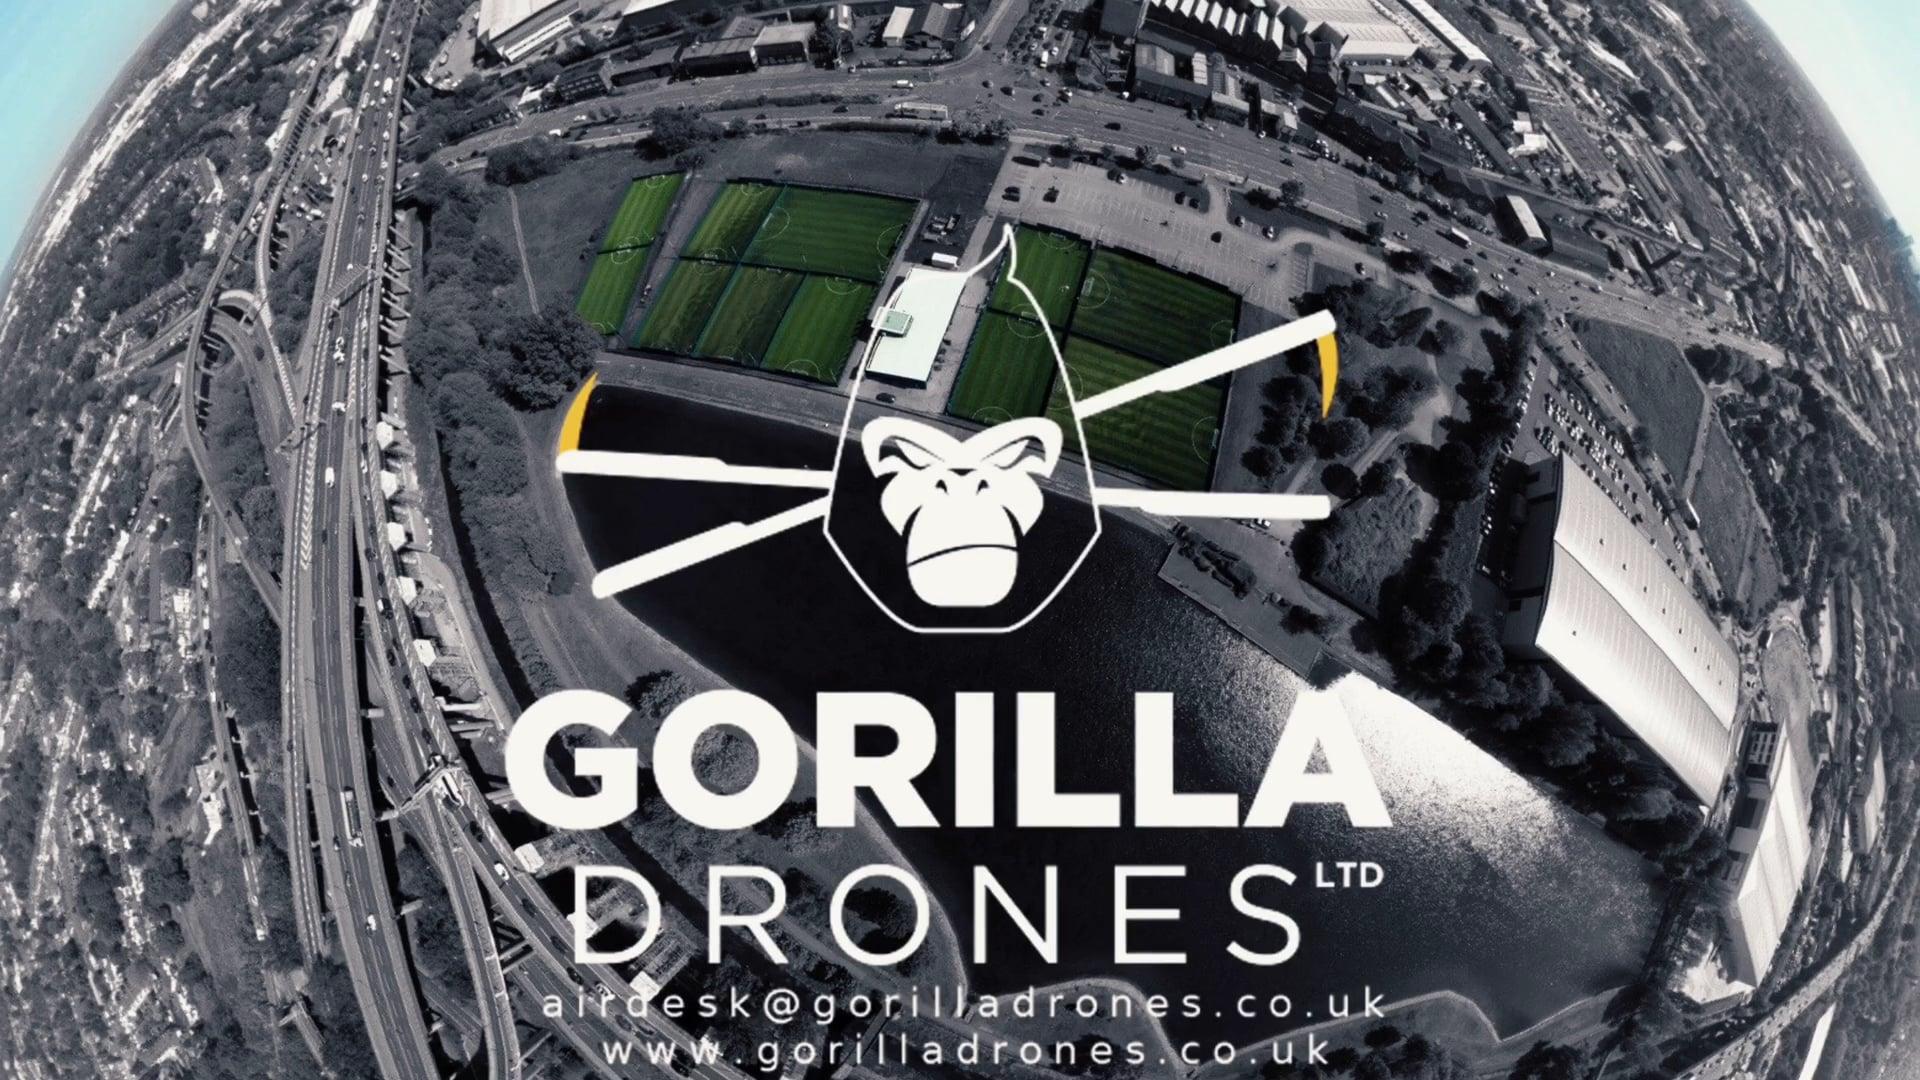 Gorilla Drones Ltd Current Showreel